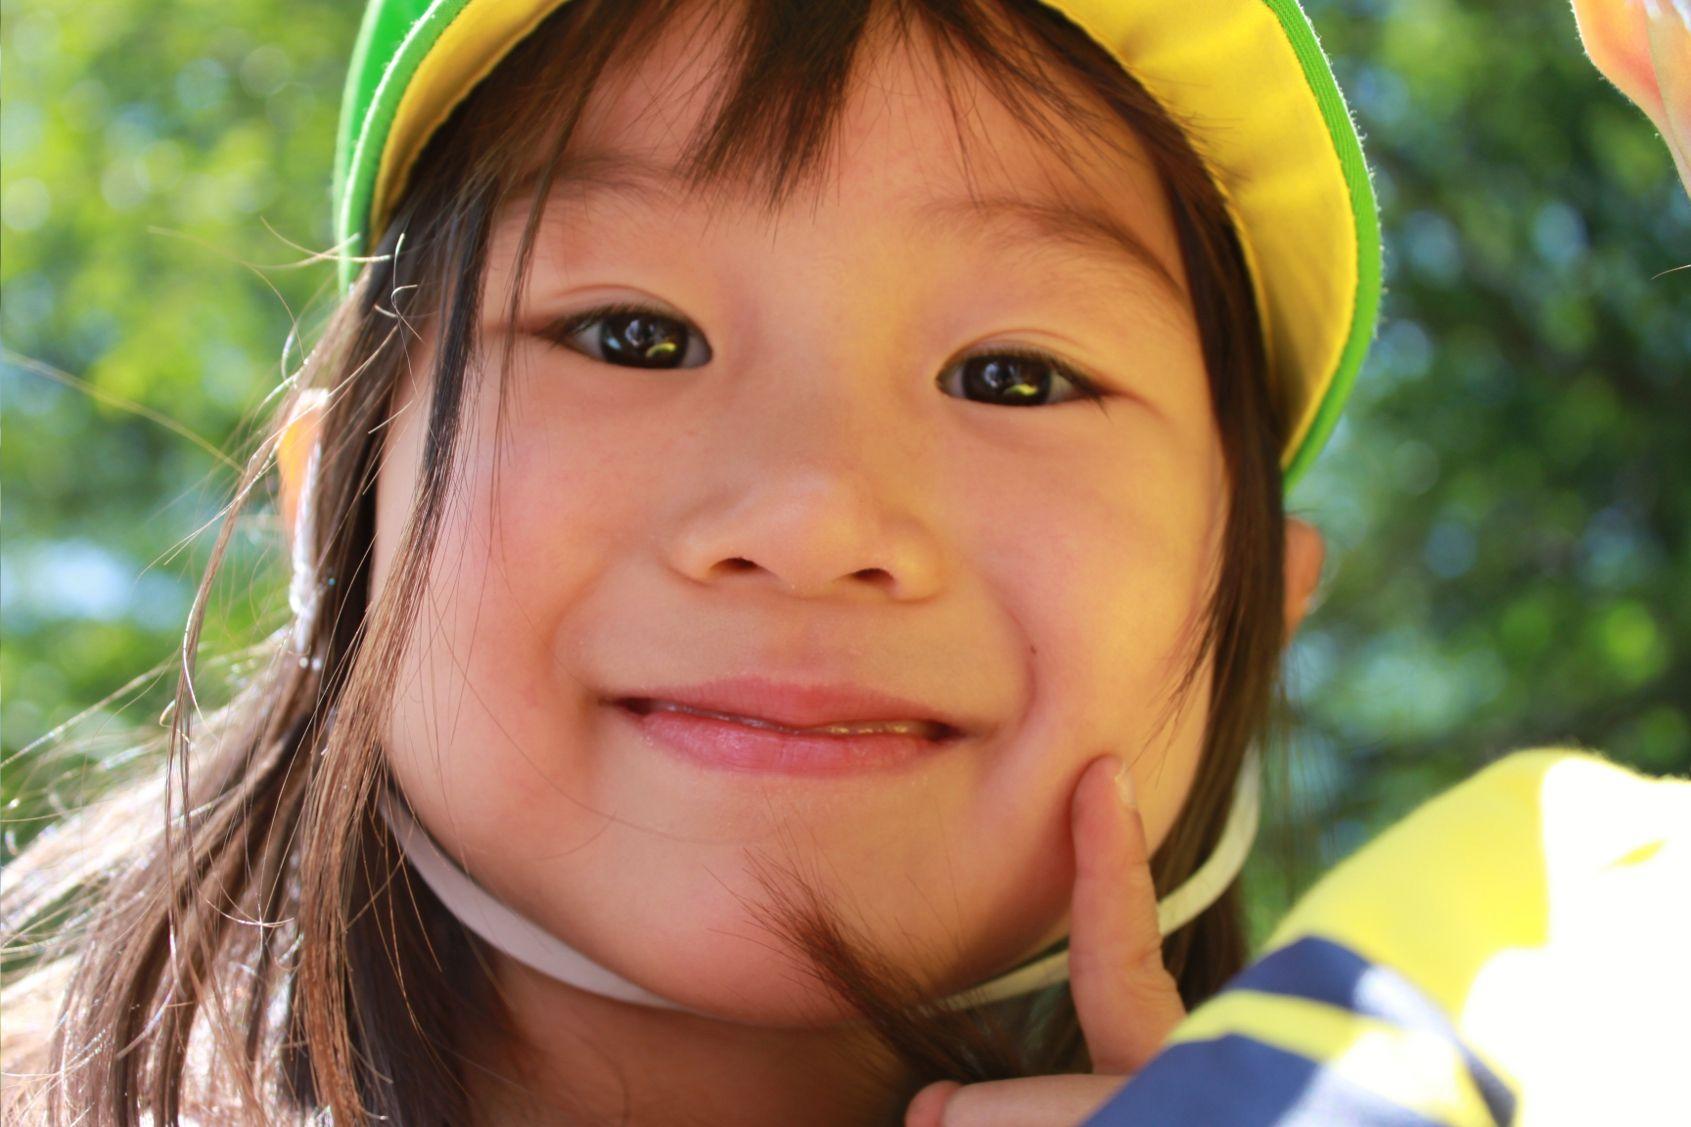 定員15名のアットホームな保育室☆2歳児さんまでの「にじいろ保育ルーム」でのお仕事です♪